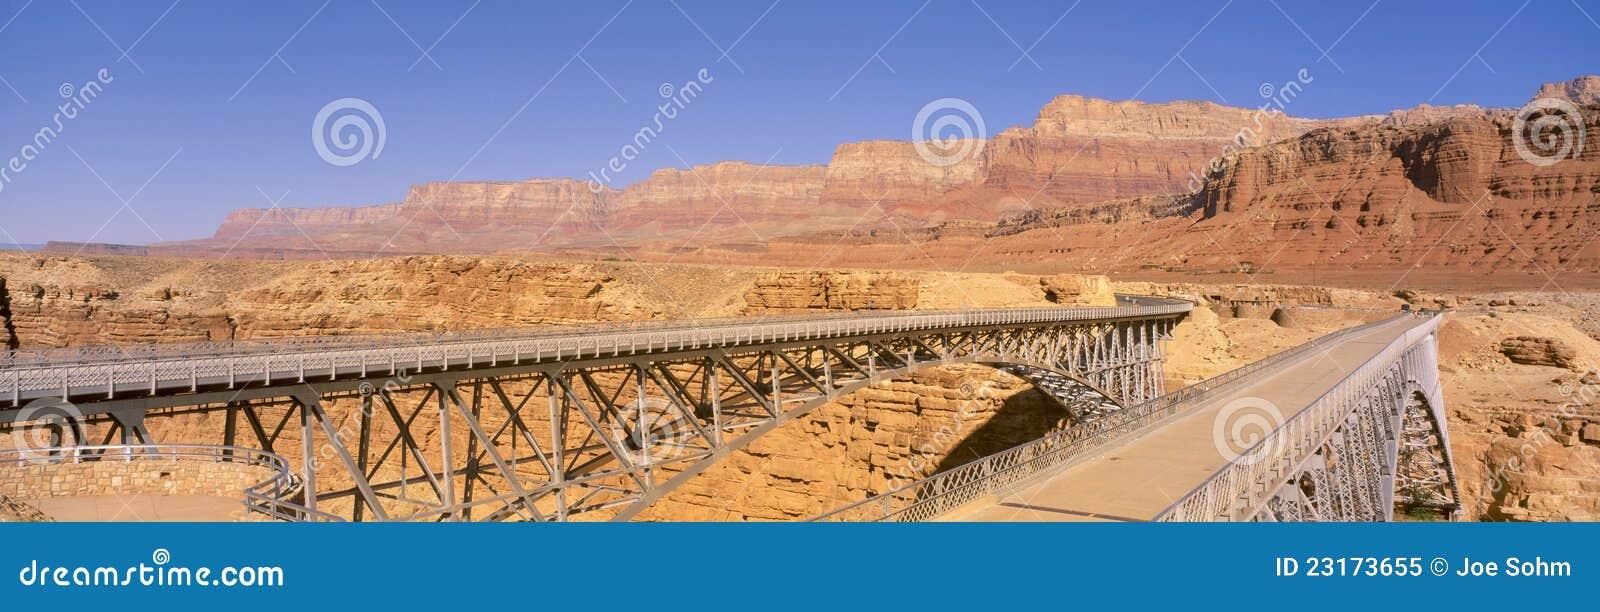 Brücke über dem Kolorado-Fluss